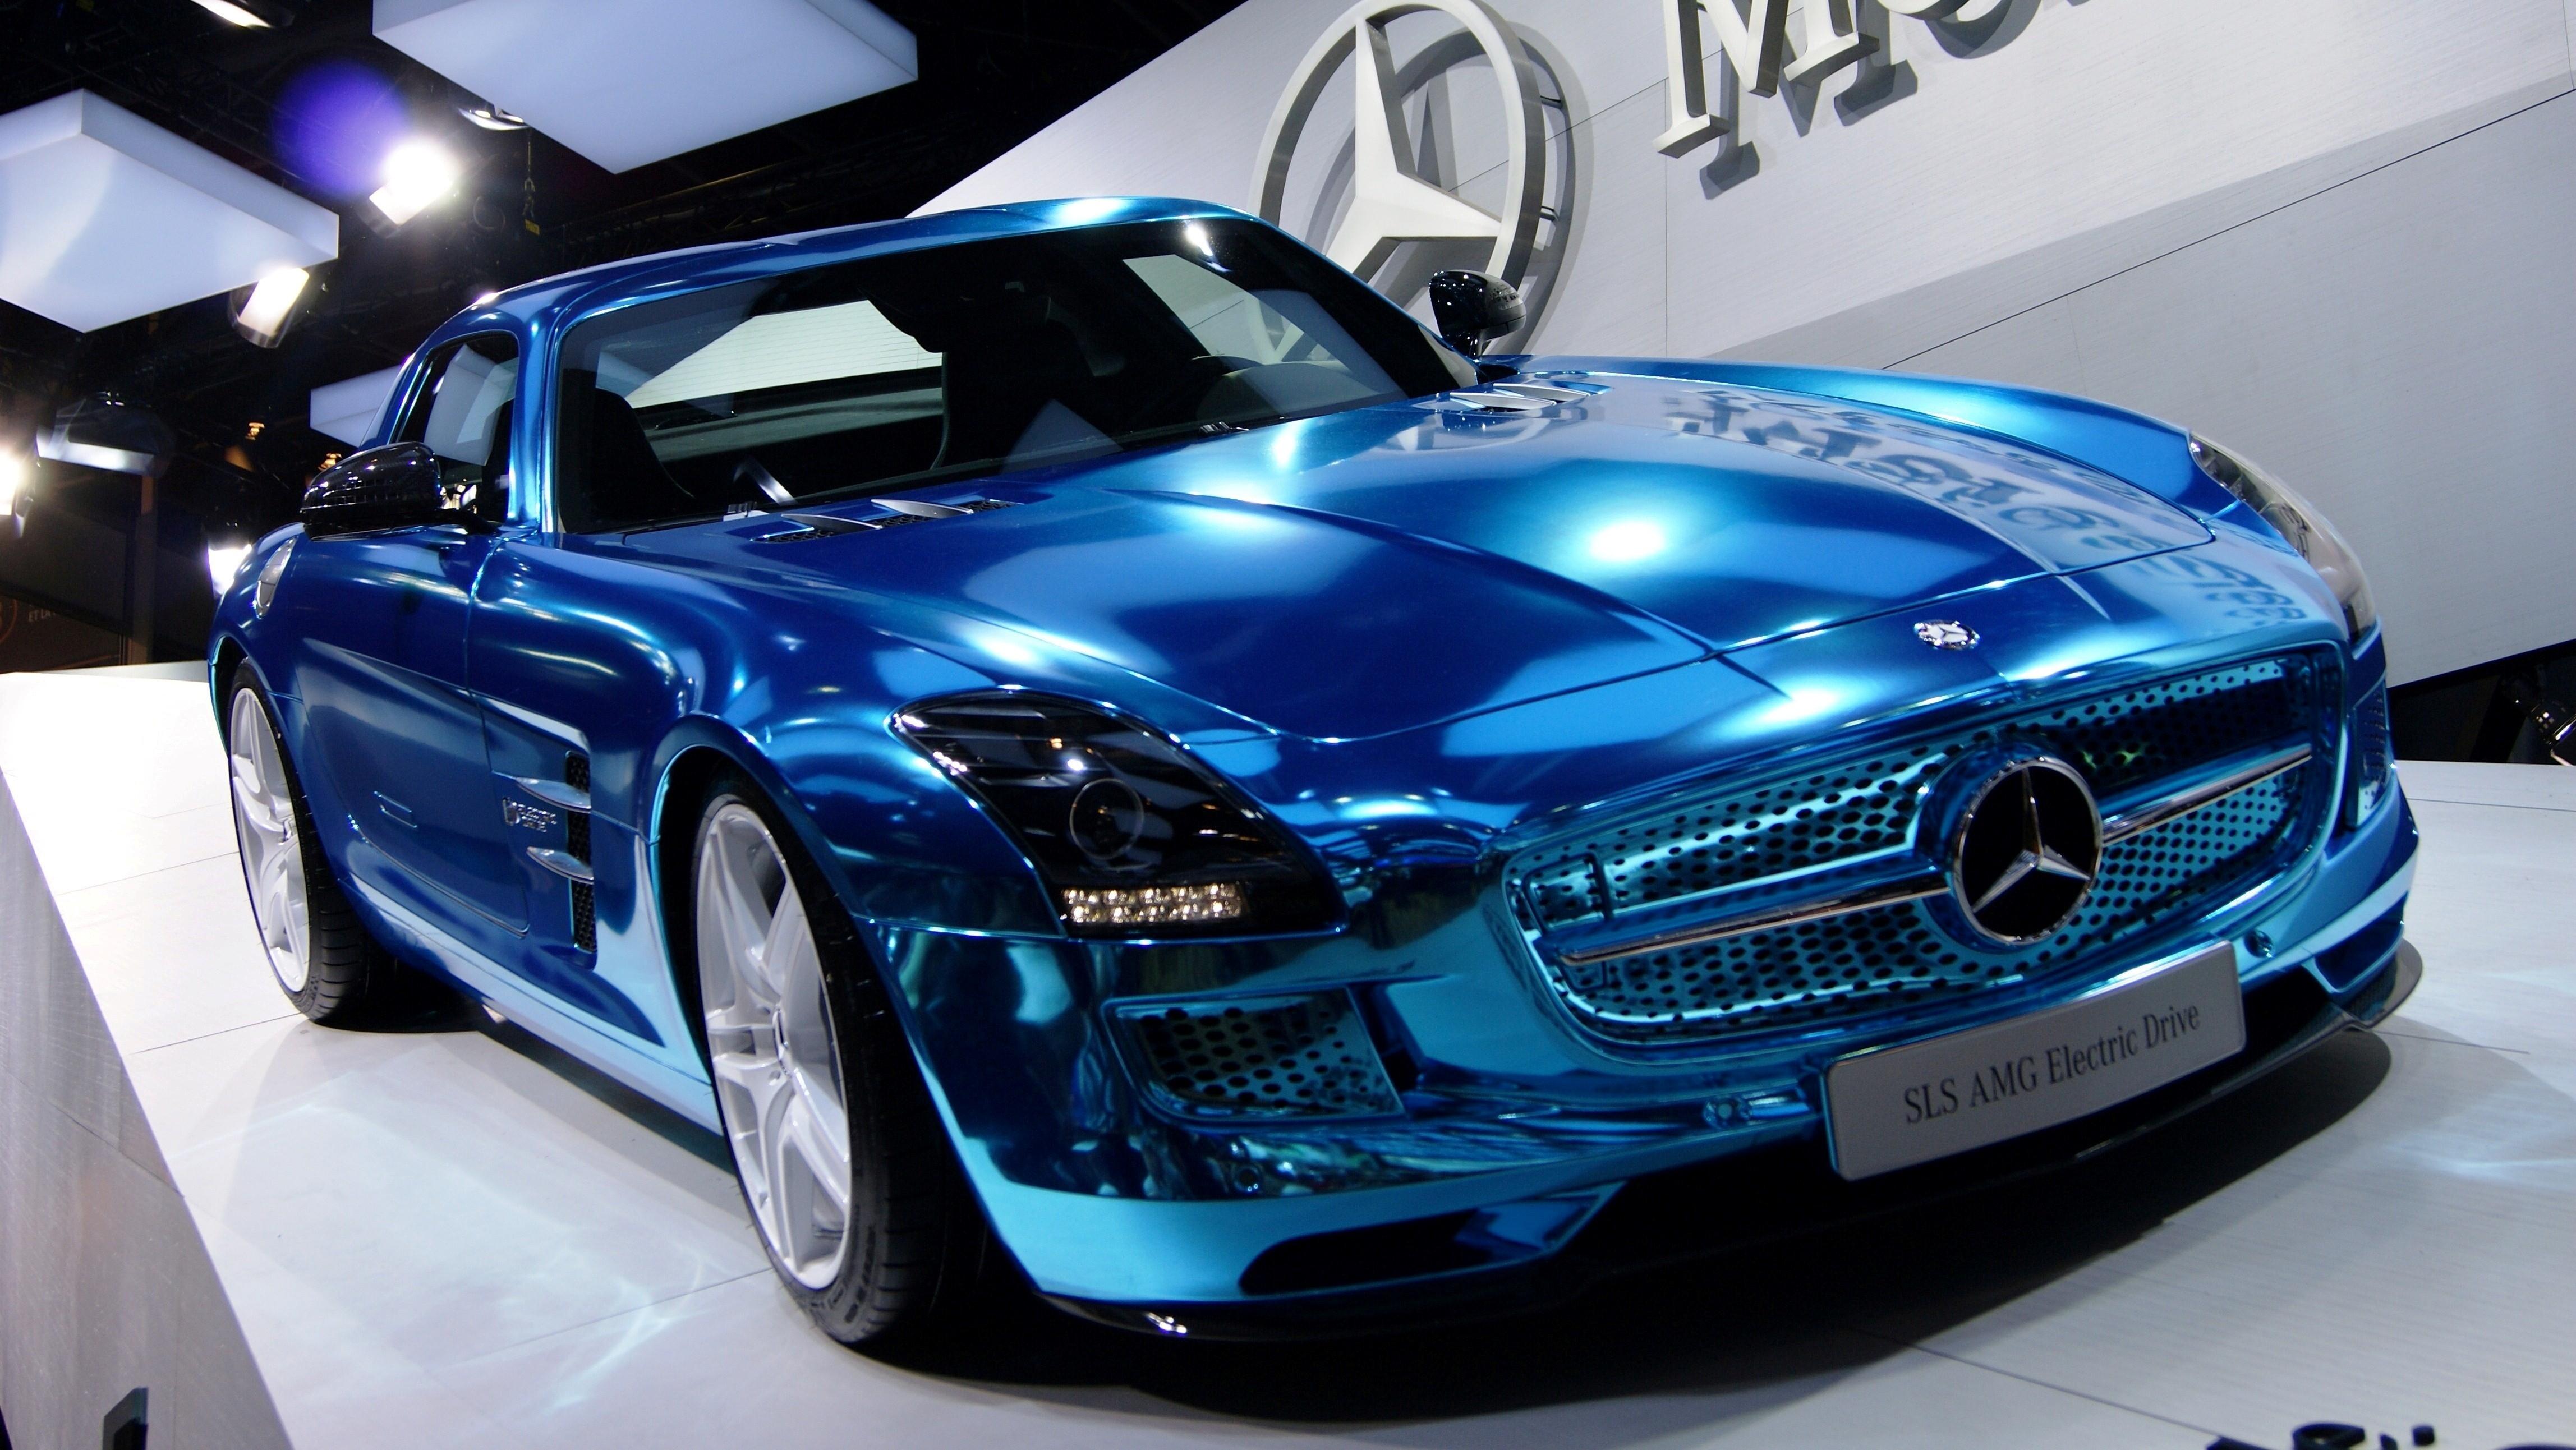 Mercedes Sls L108 Blue Edition Car Wallpapers Hd Wallpapers